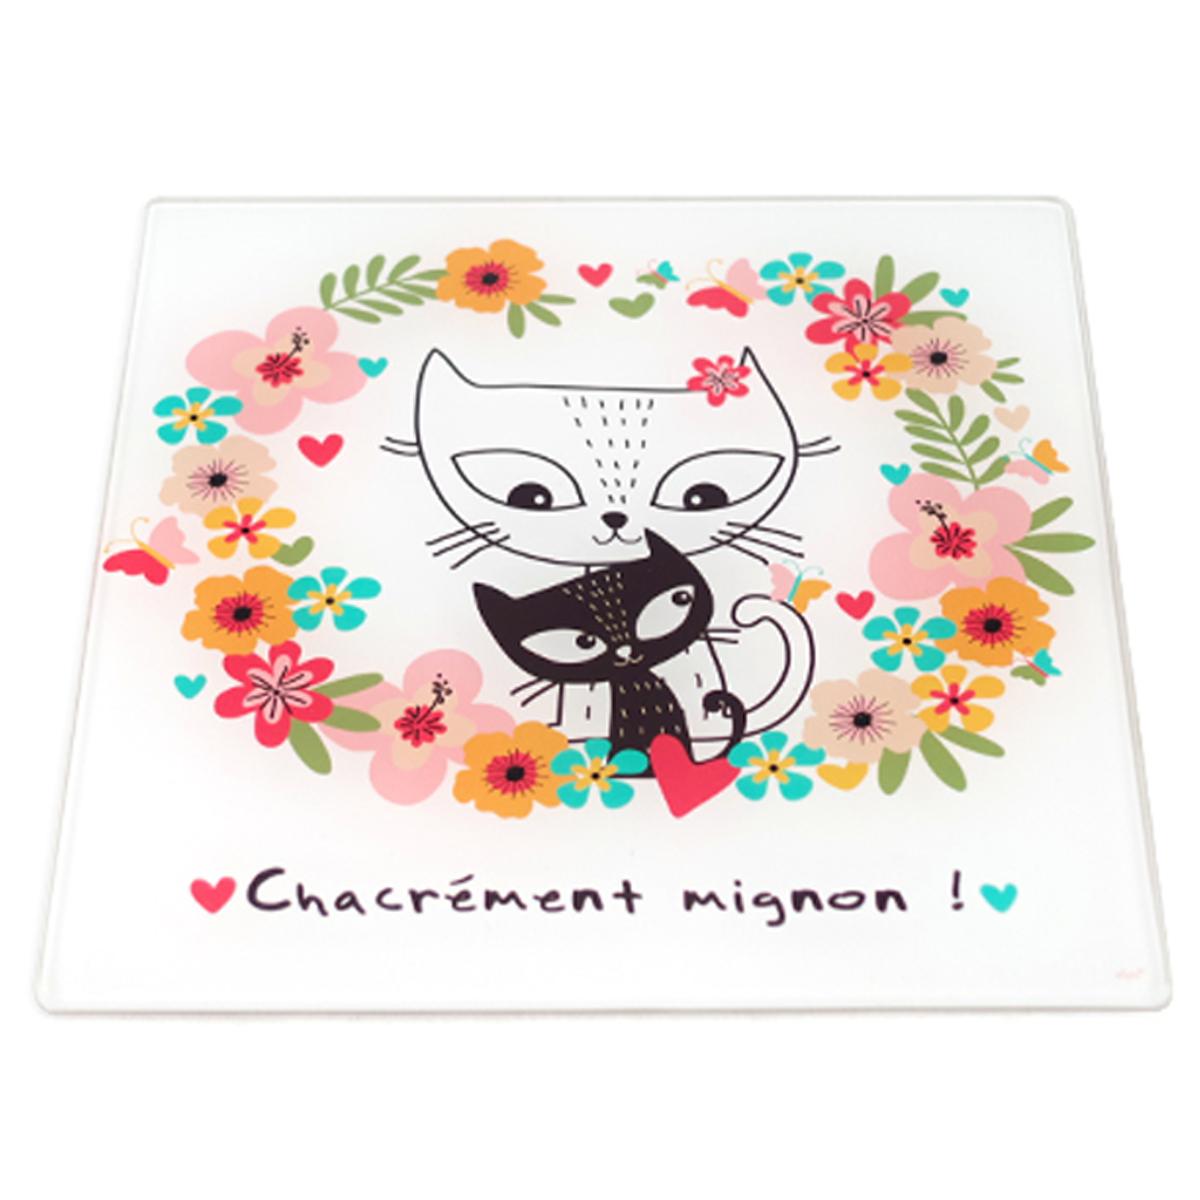 Dessous de plat verre \'Chats\' multicolore (Chacrément mignon !) - 20x20 cm - [A0094]